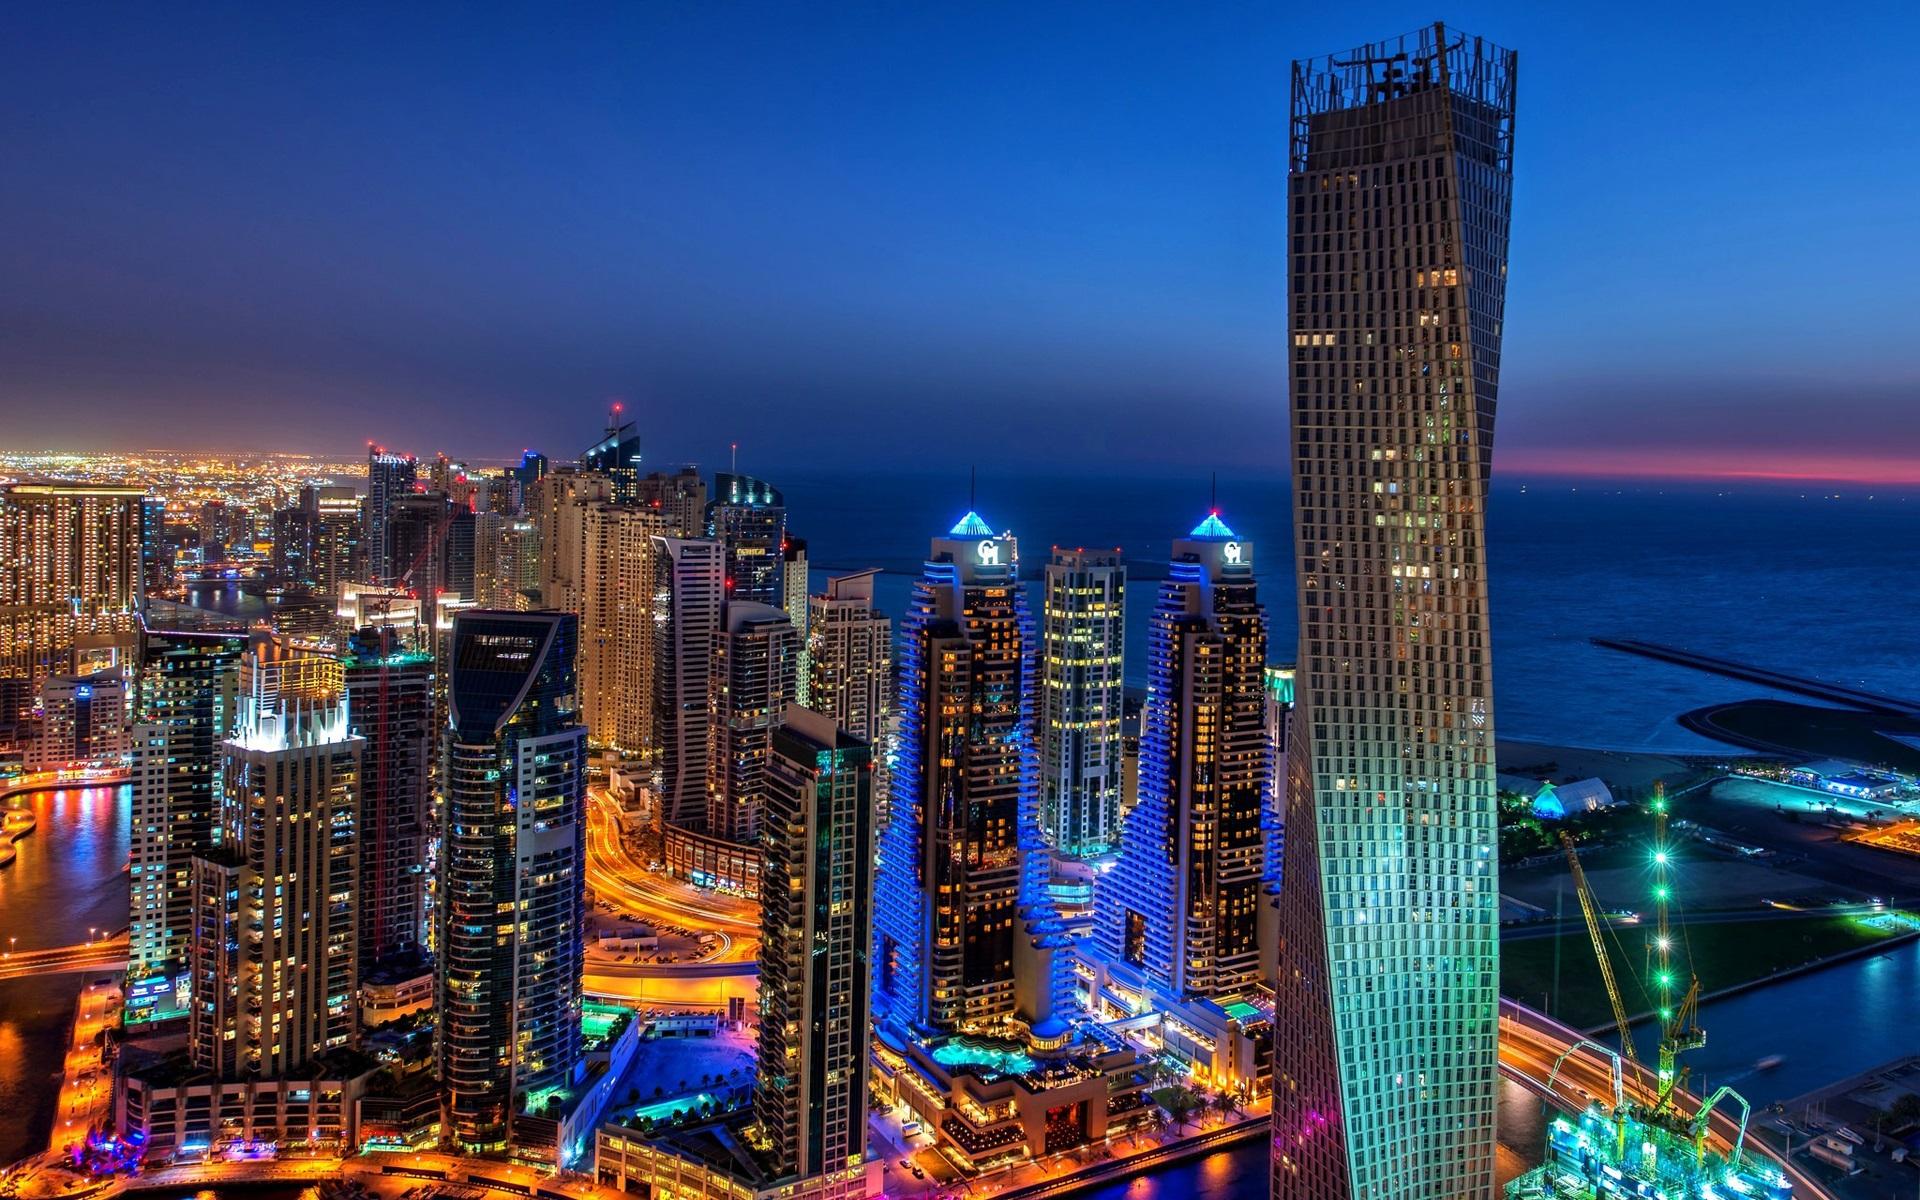 Fondos De Pantalla Dubai, Ciudad, Noche, Luces, Edificios